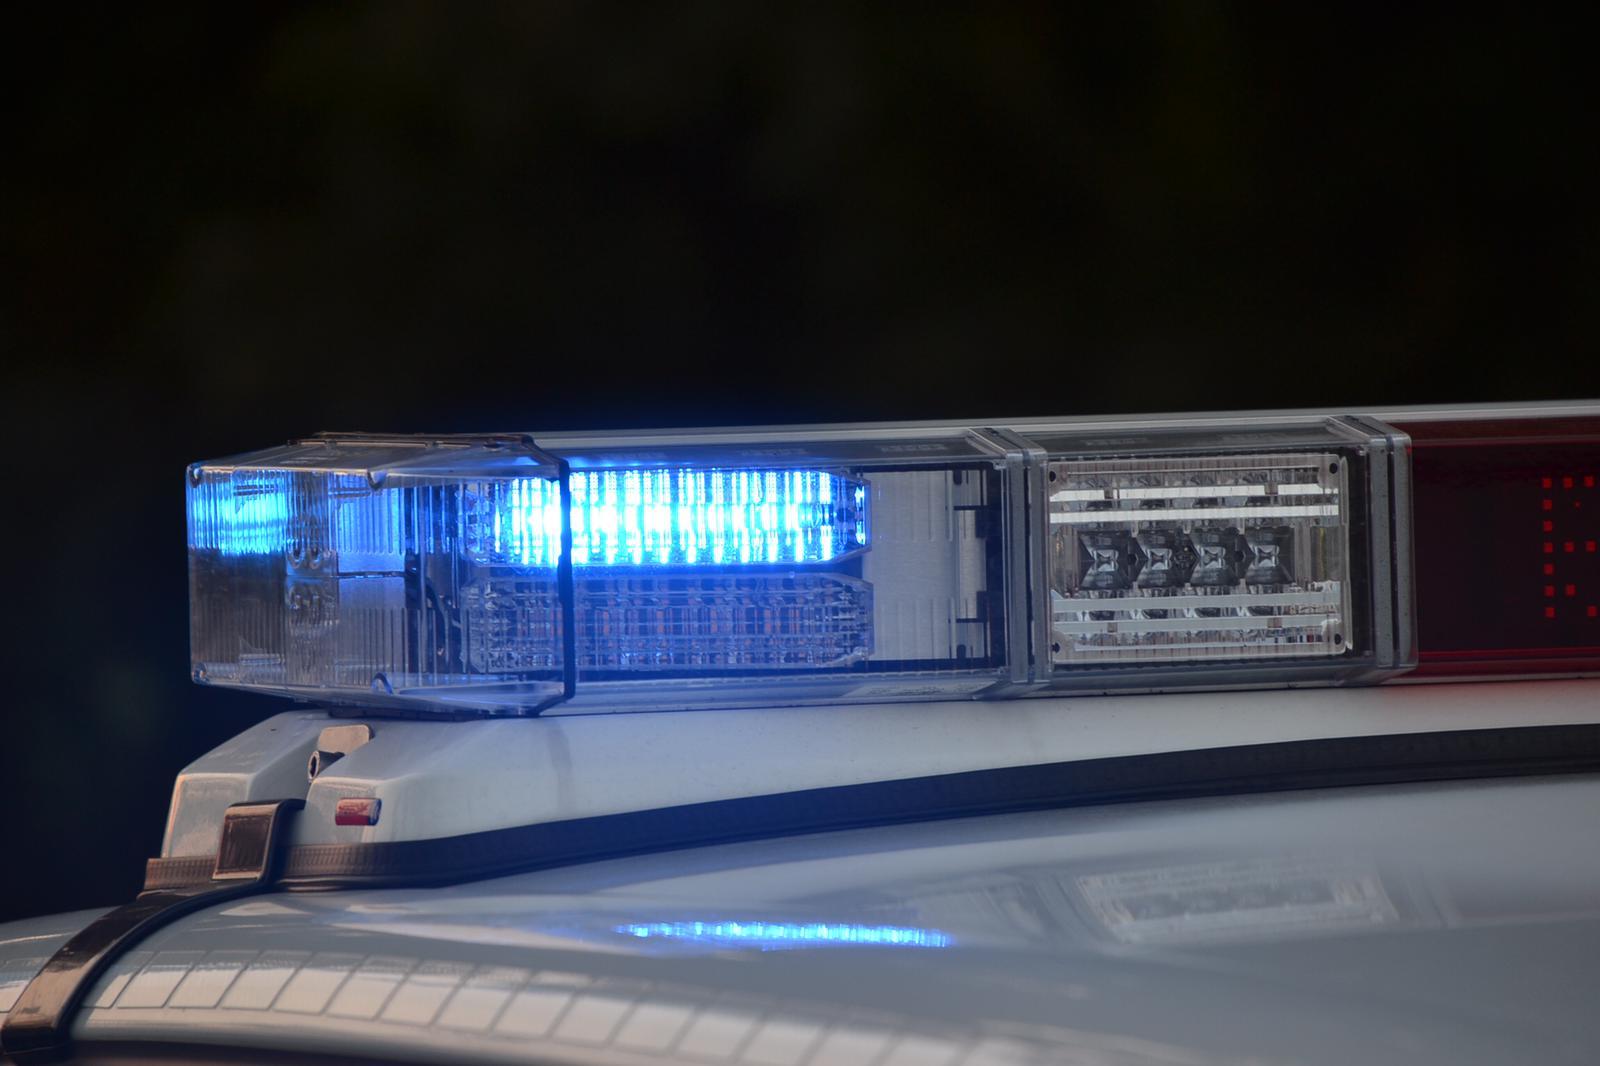 Meppel Politie In Meppel Naar Stadhuis 112 Video Nl